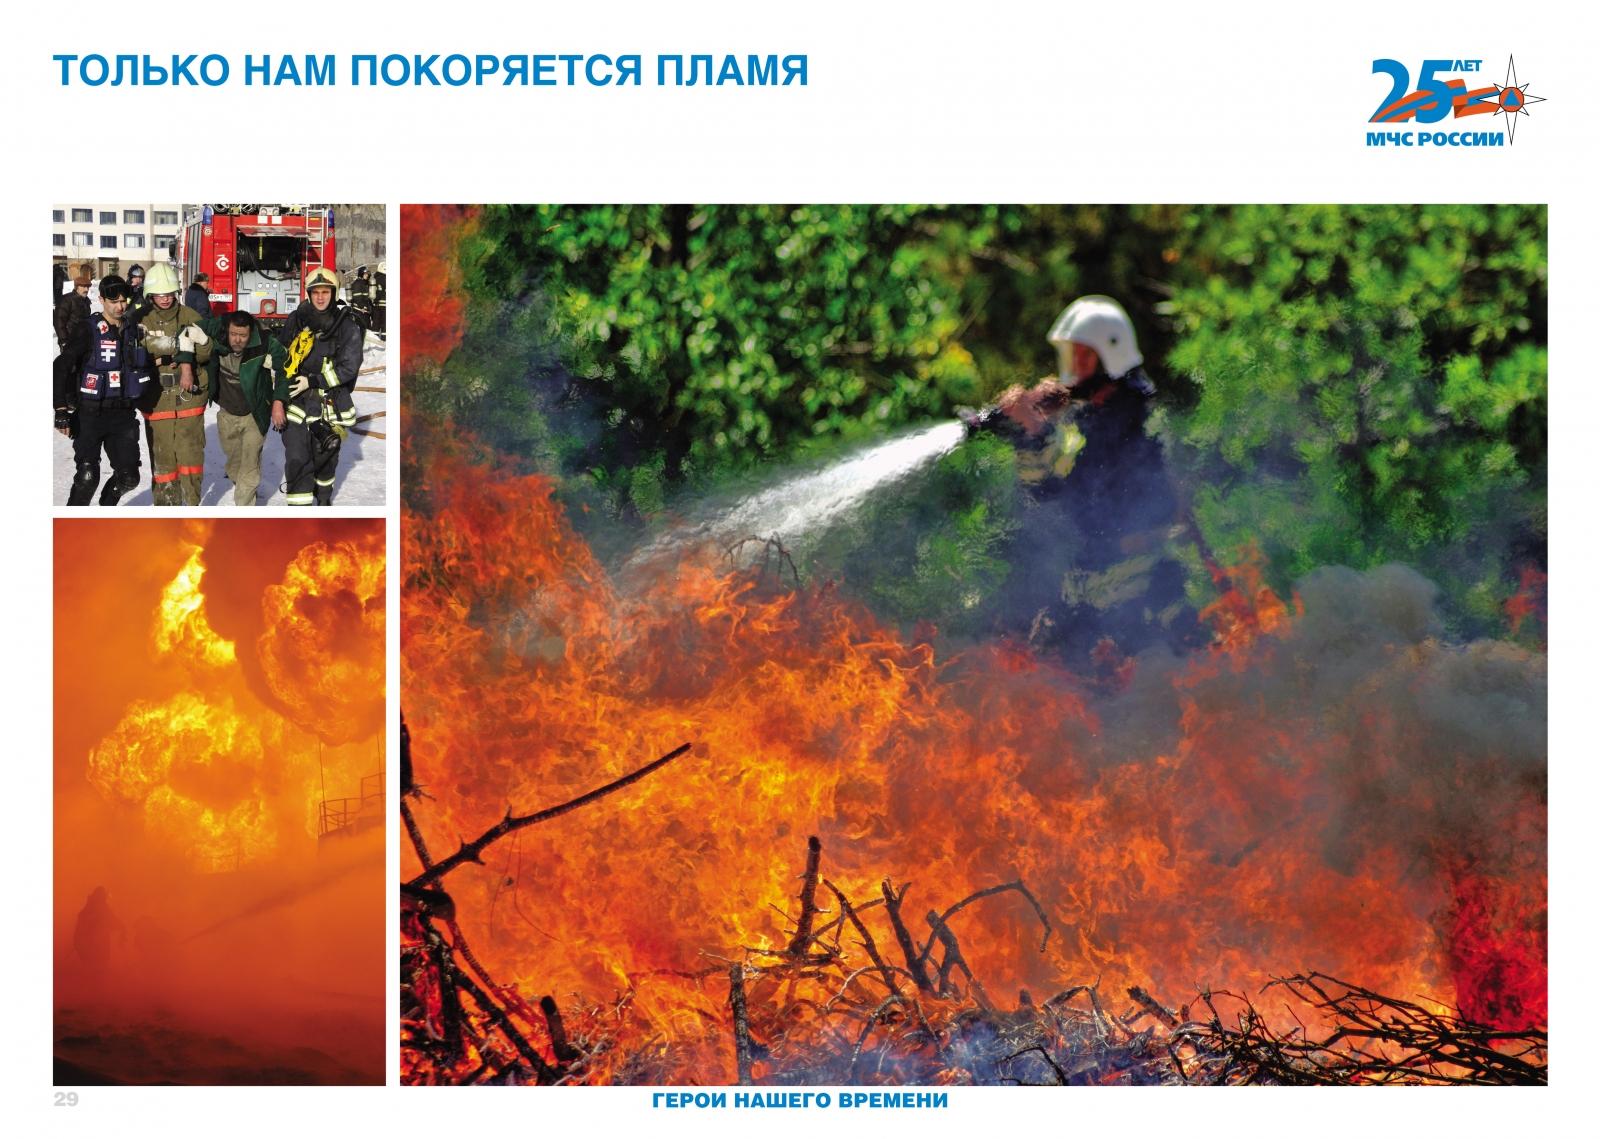 Фотовыставка, посвященная 25-летию МЧС России